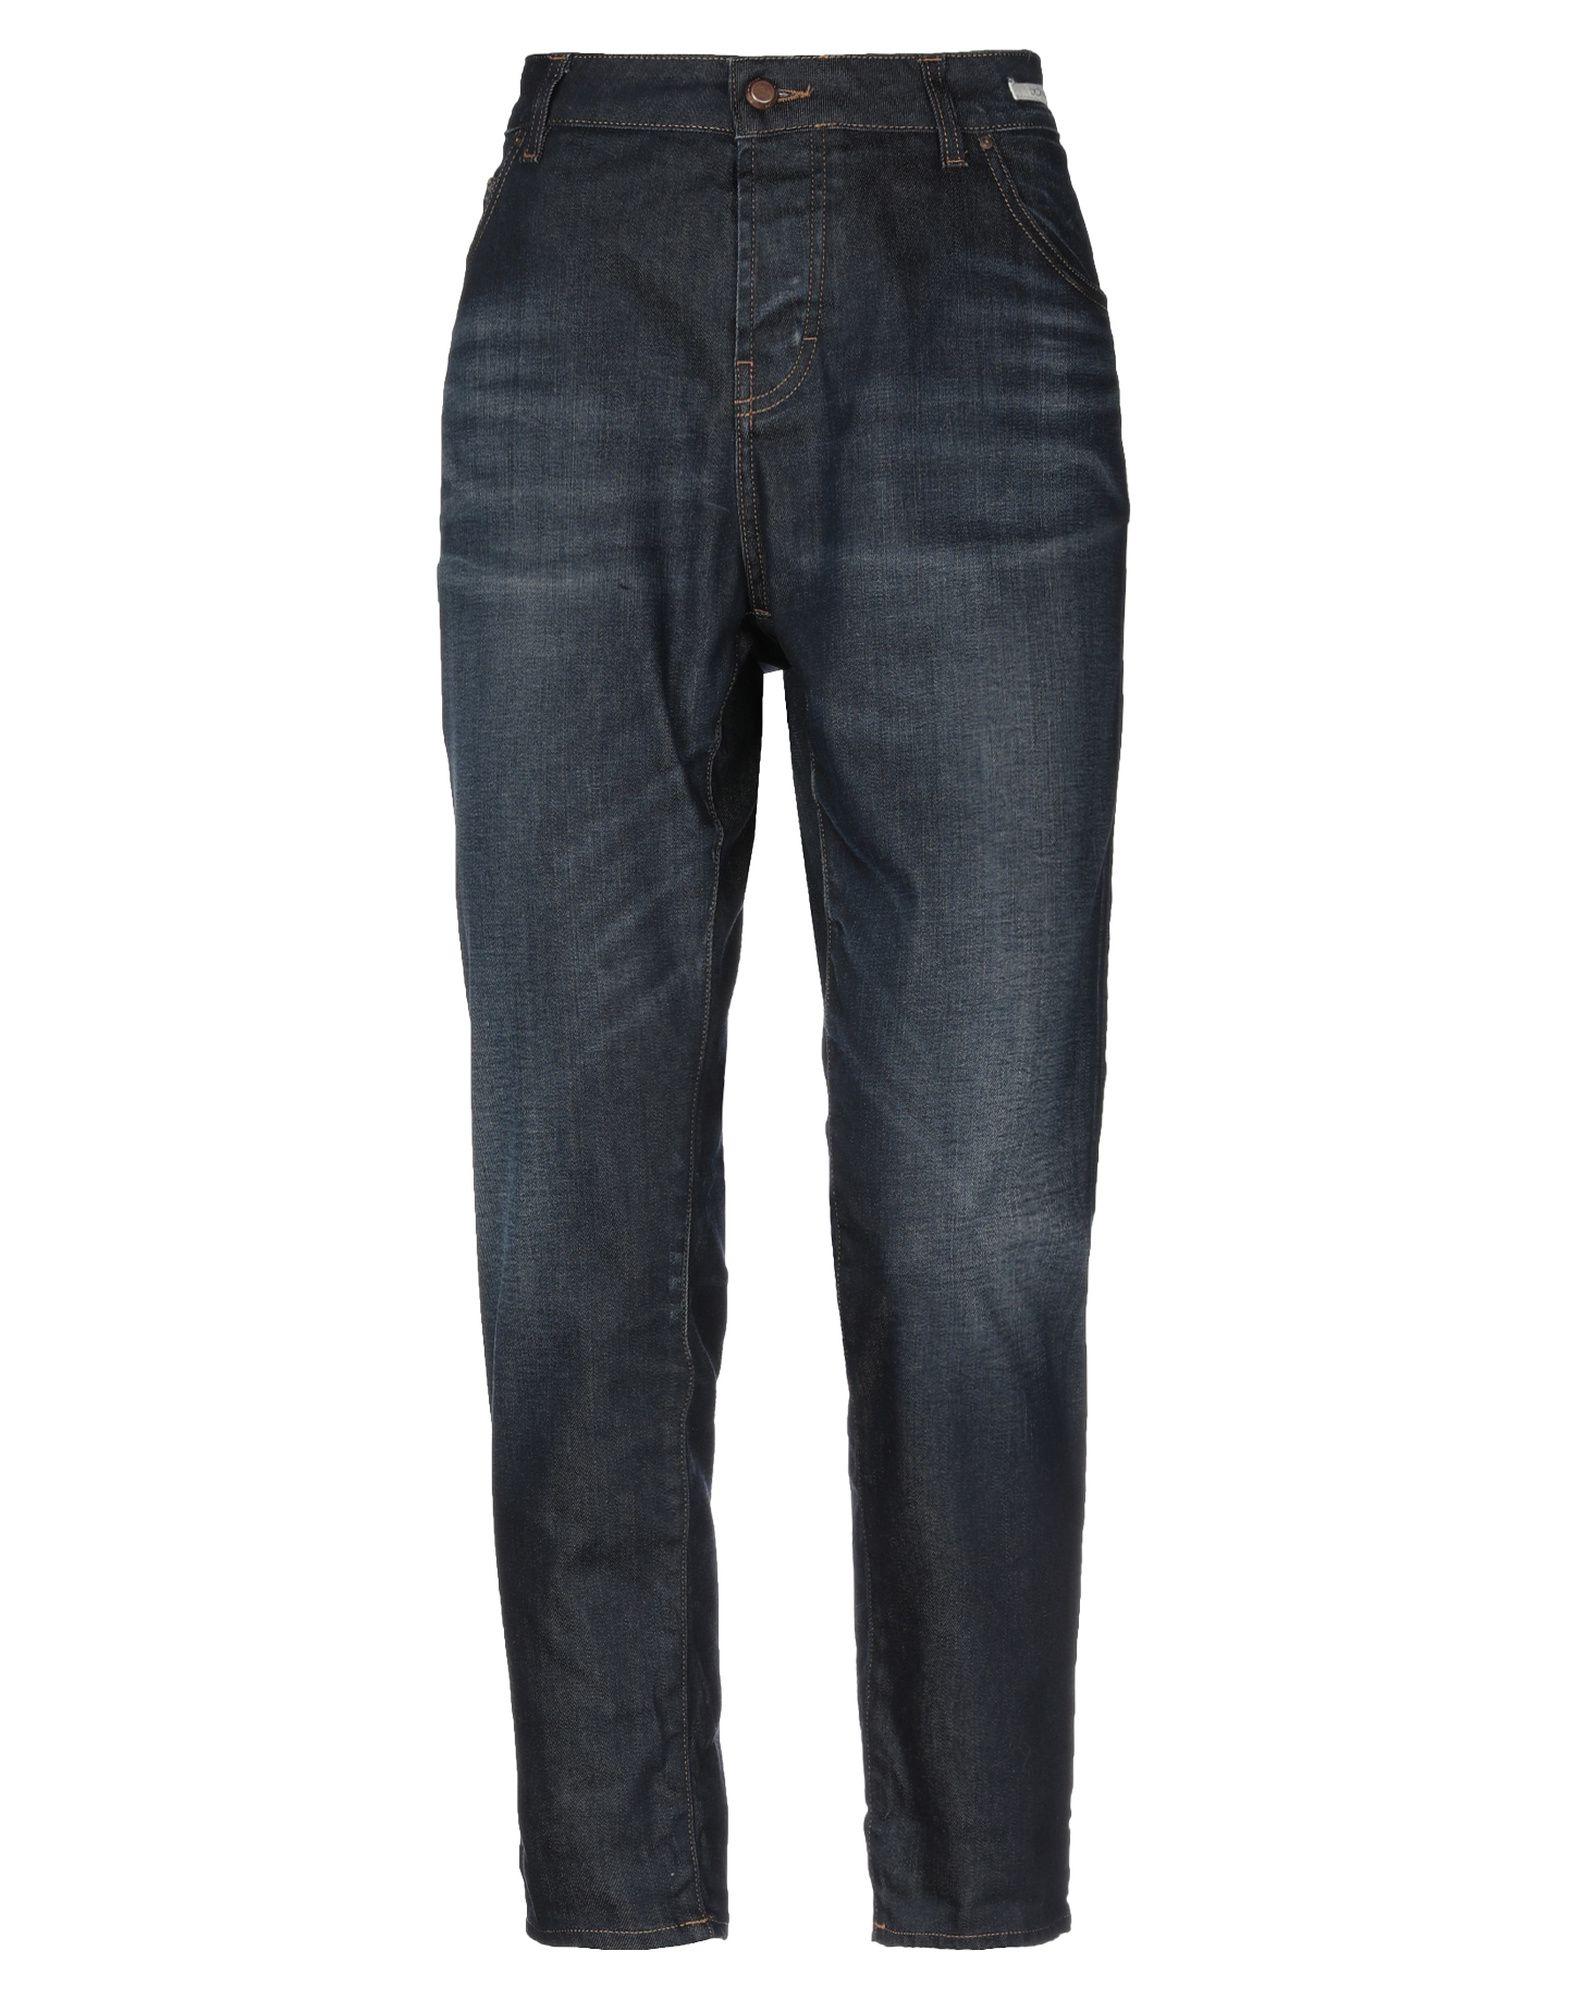 DON THE FULLER Джинсовые брюки catalog fuller transmission